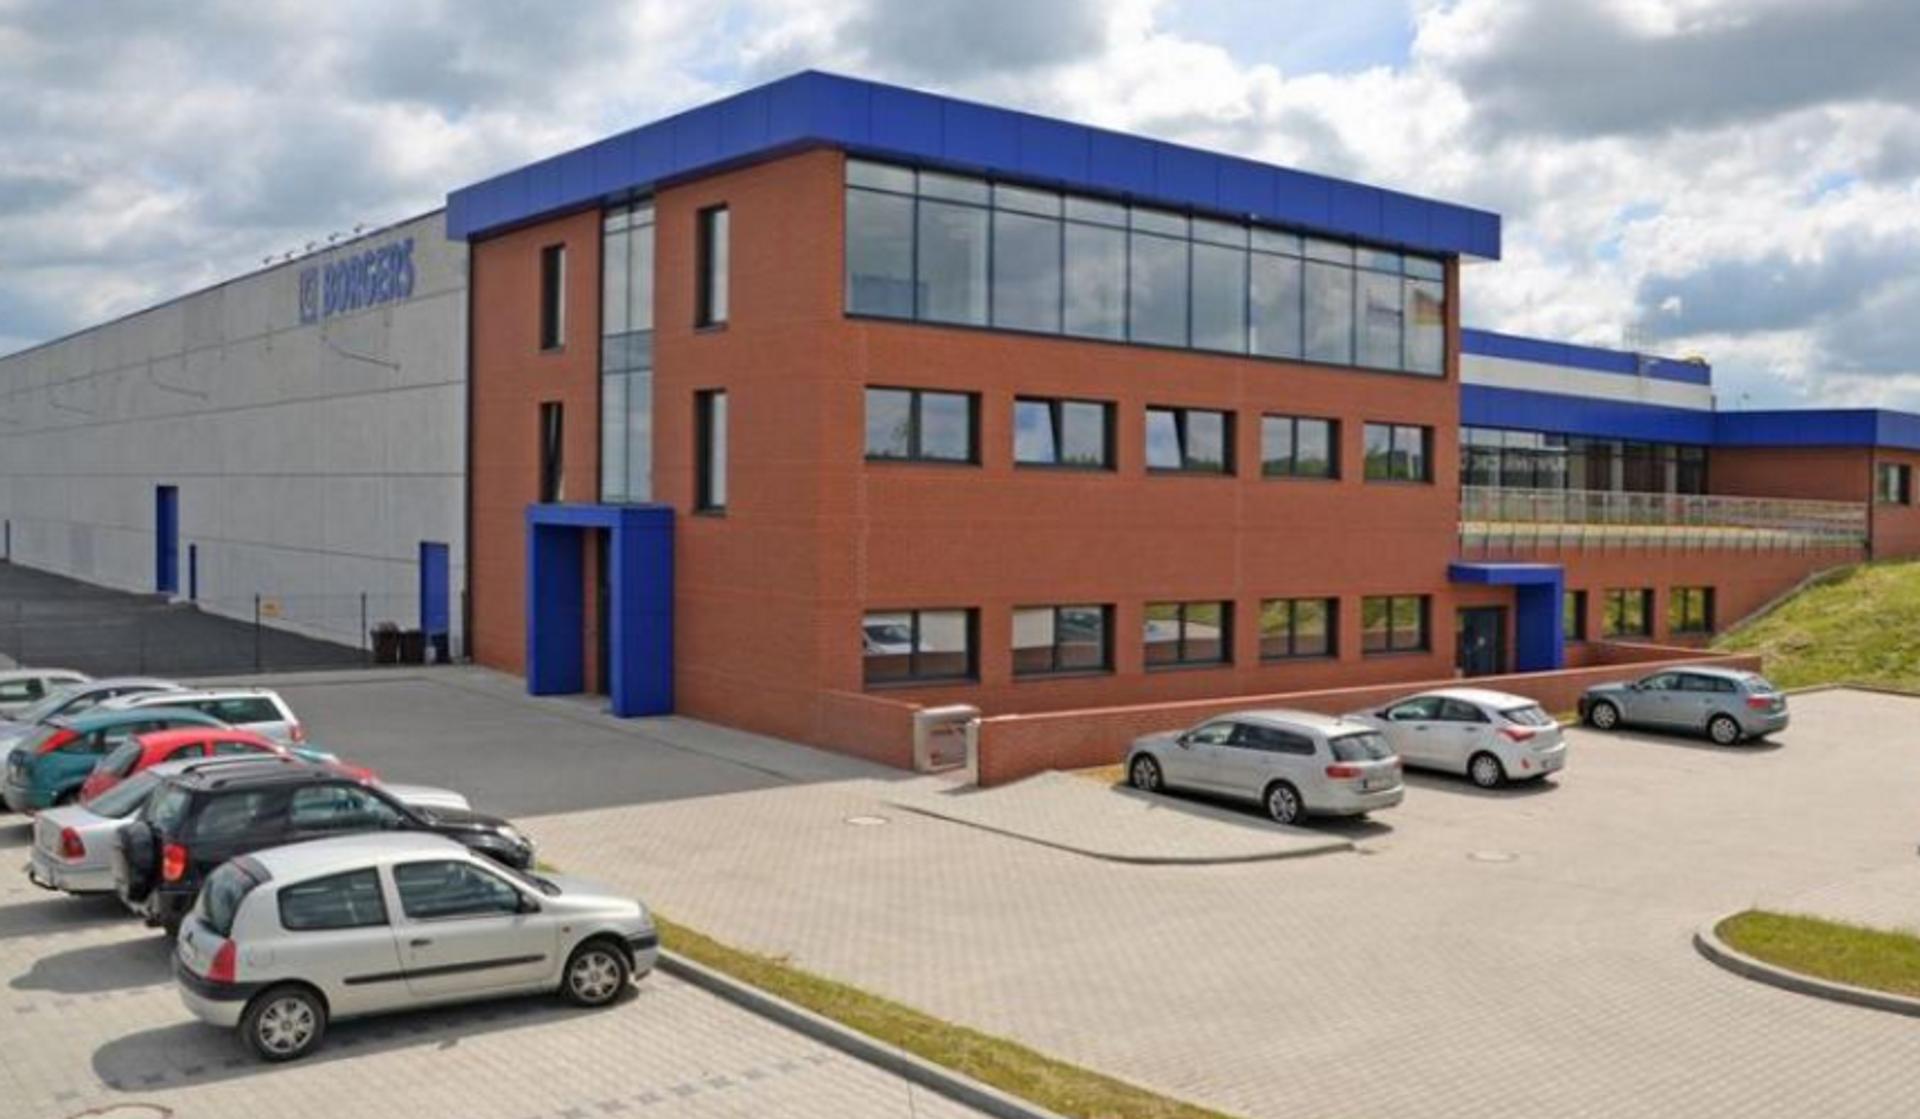 [Dolny Śląsk] Niemiecki Borgers otworzył nową fabrykę automotive w Złotoryi